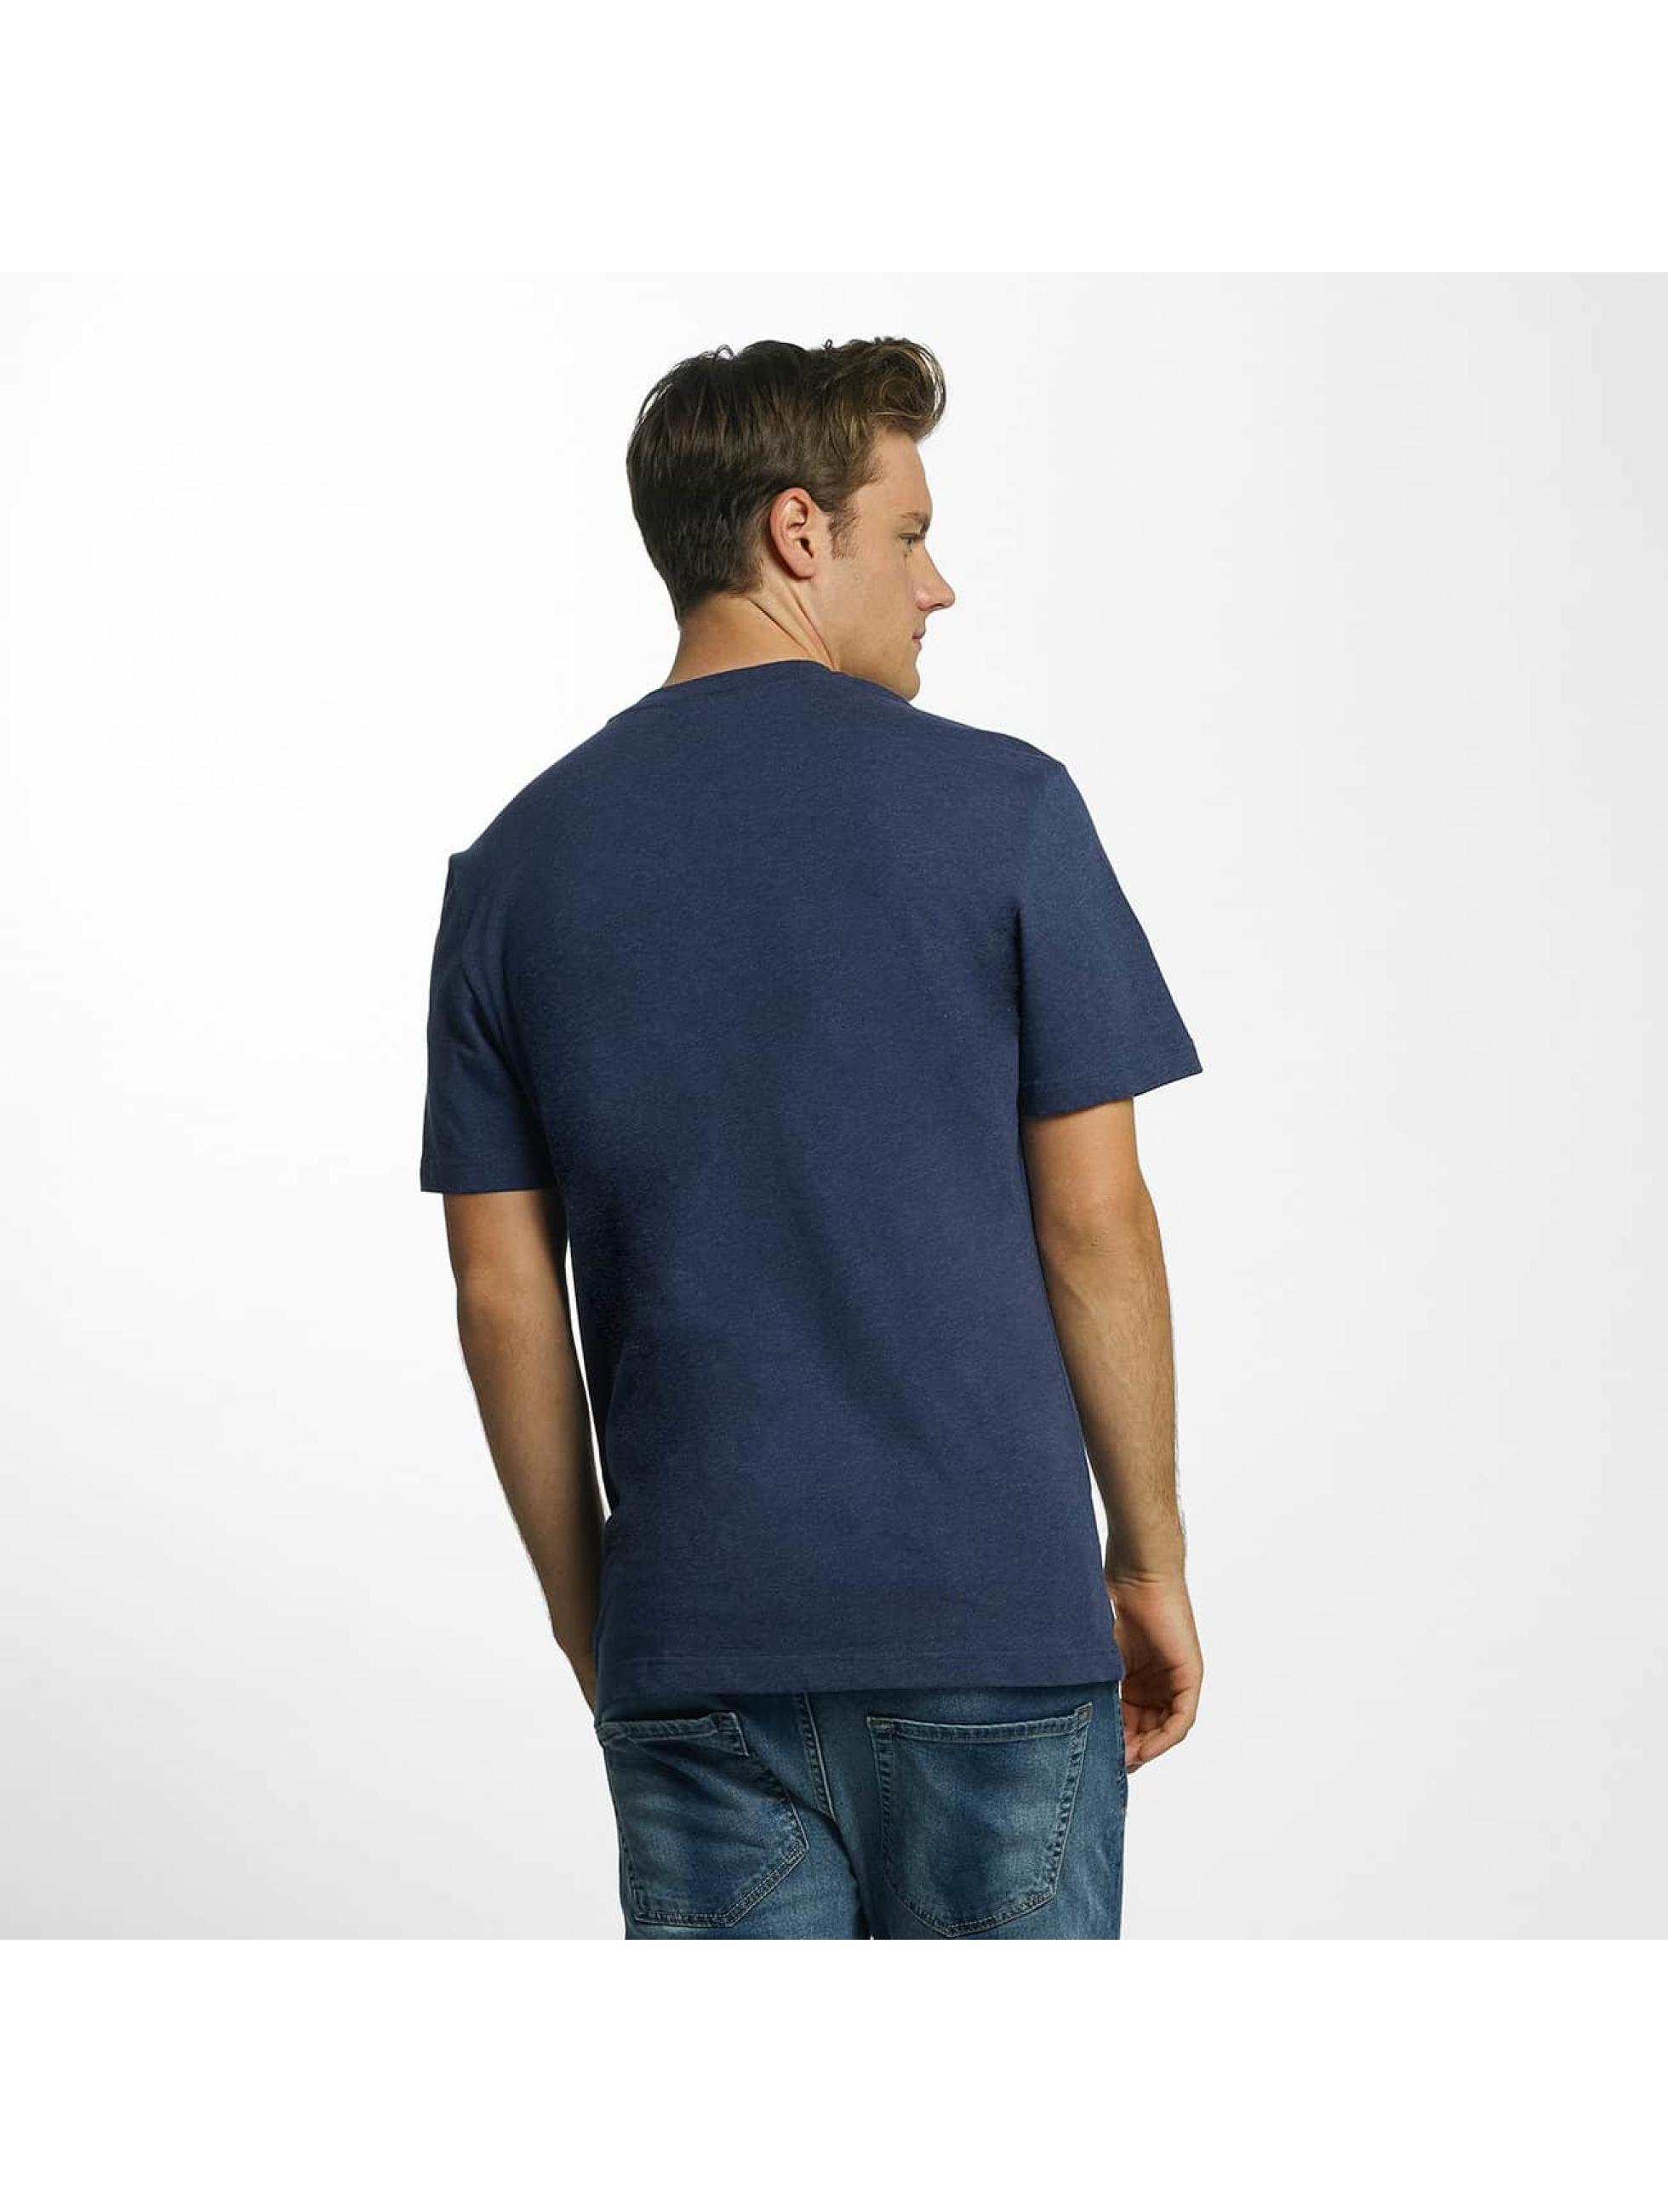 lacoste herren oberteile t shirt original ebay. Black Bedroom Furniture Sets. Home Design Ideas